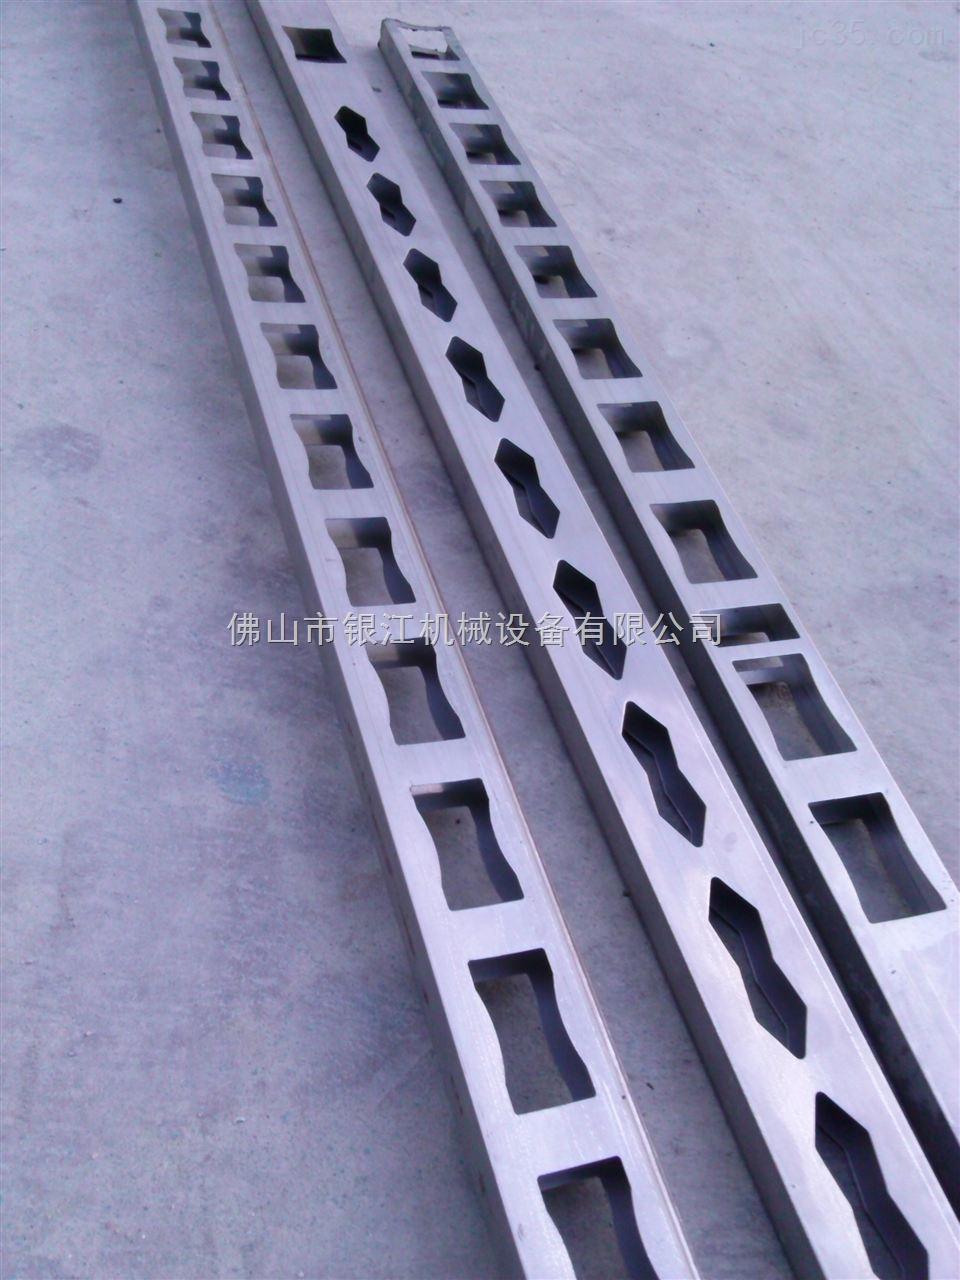 北京郊区R0B63-PV2手动不锈钢方管开孔机械